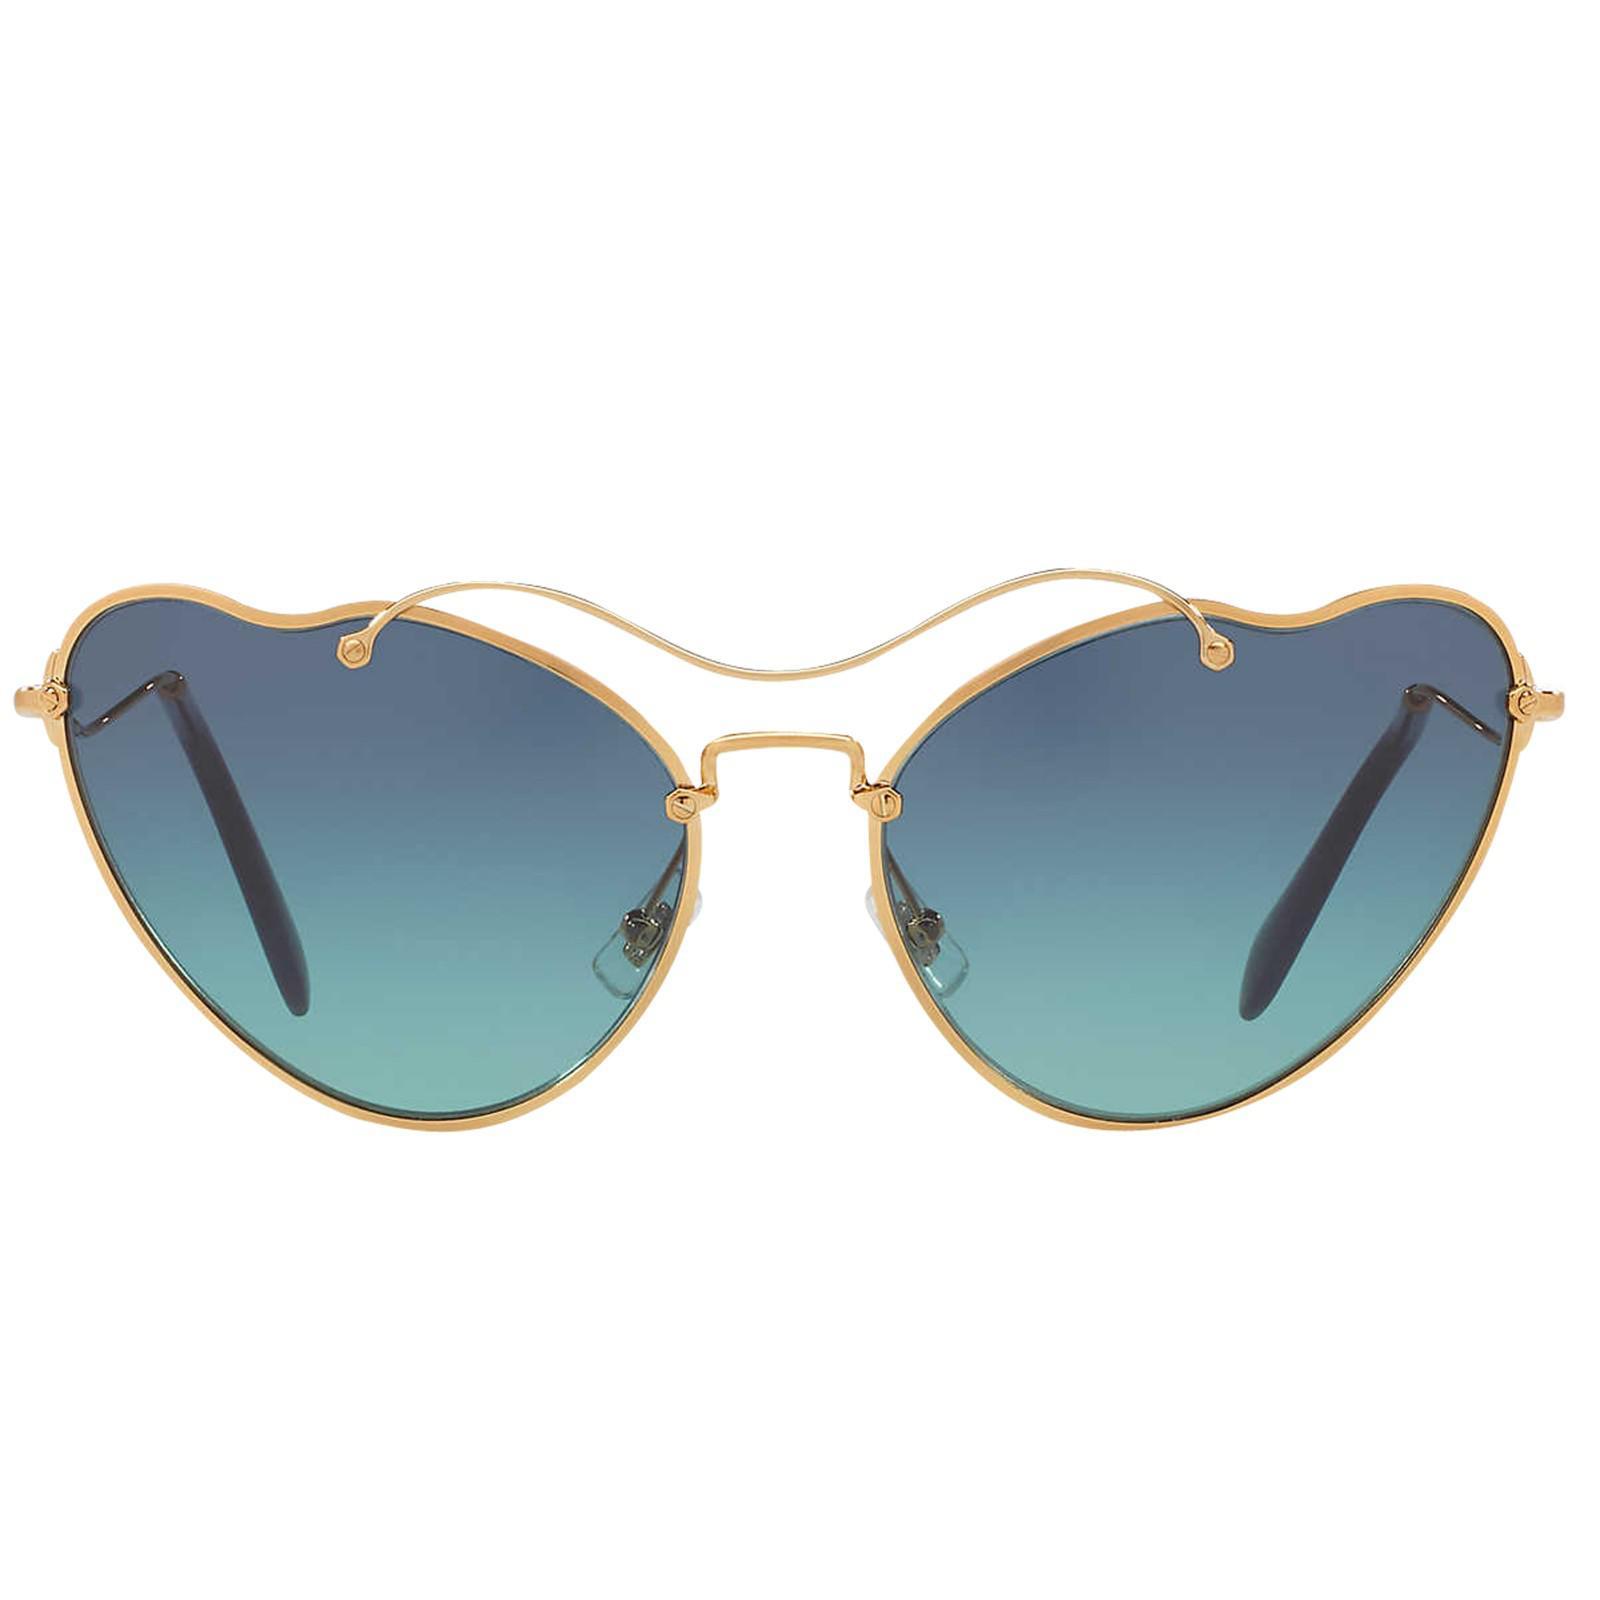 ac951ffc00 Miu Miu Mu 55rs Asymmetric Cat s Eye Sunglasses in Metallic - Lyst